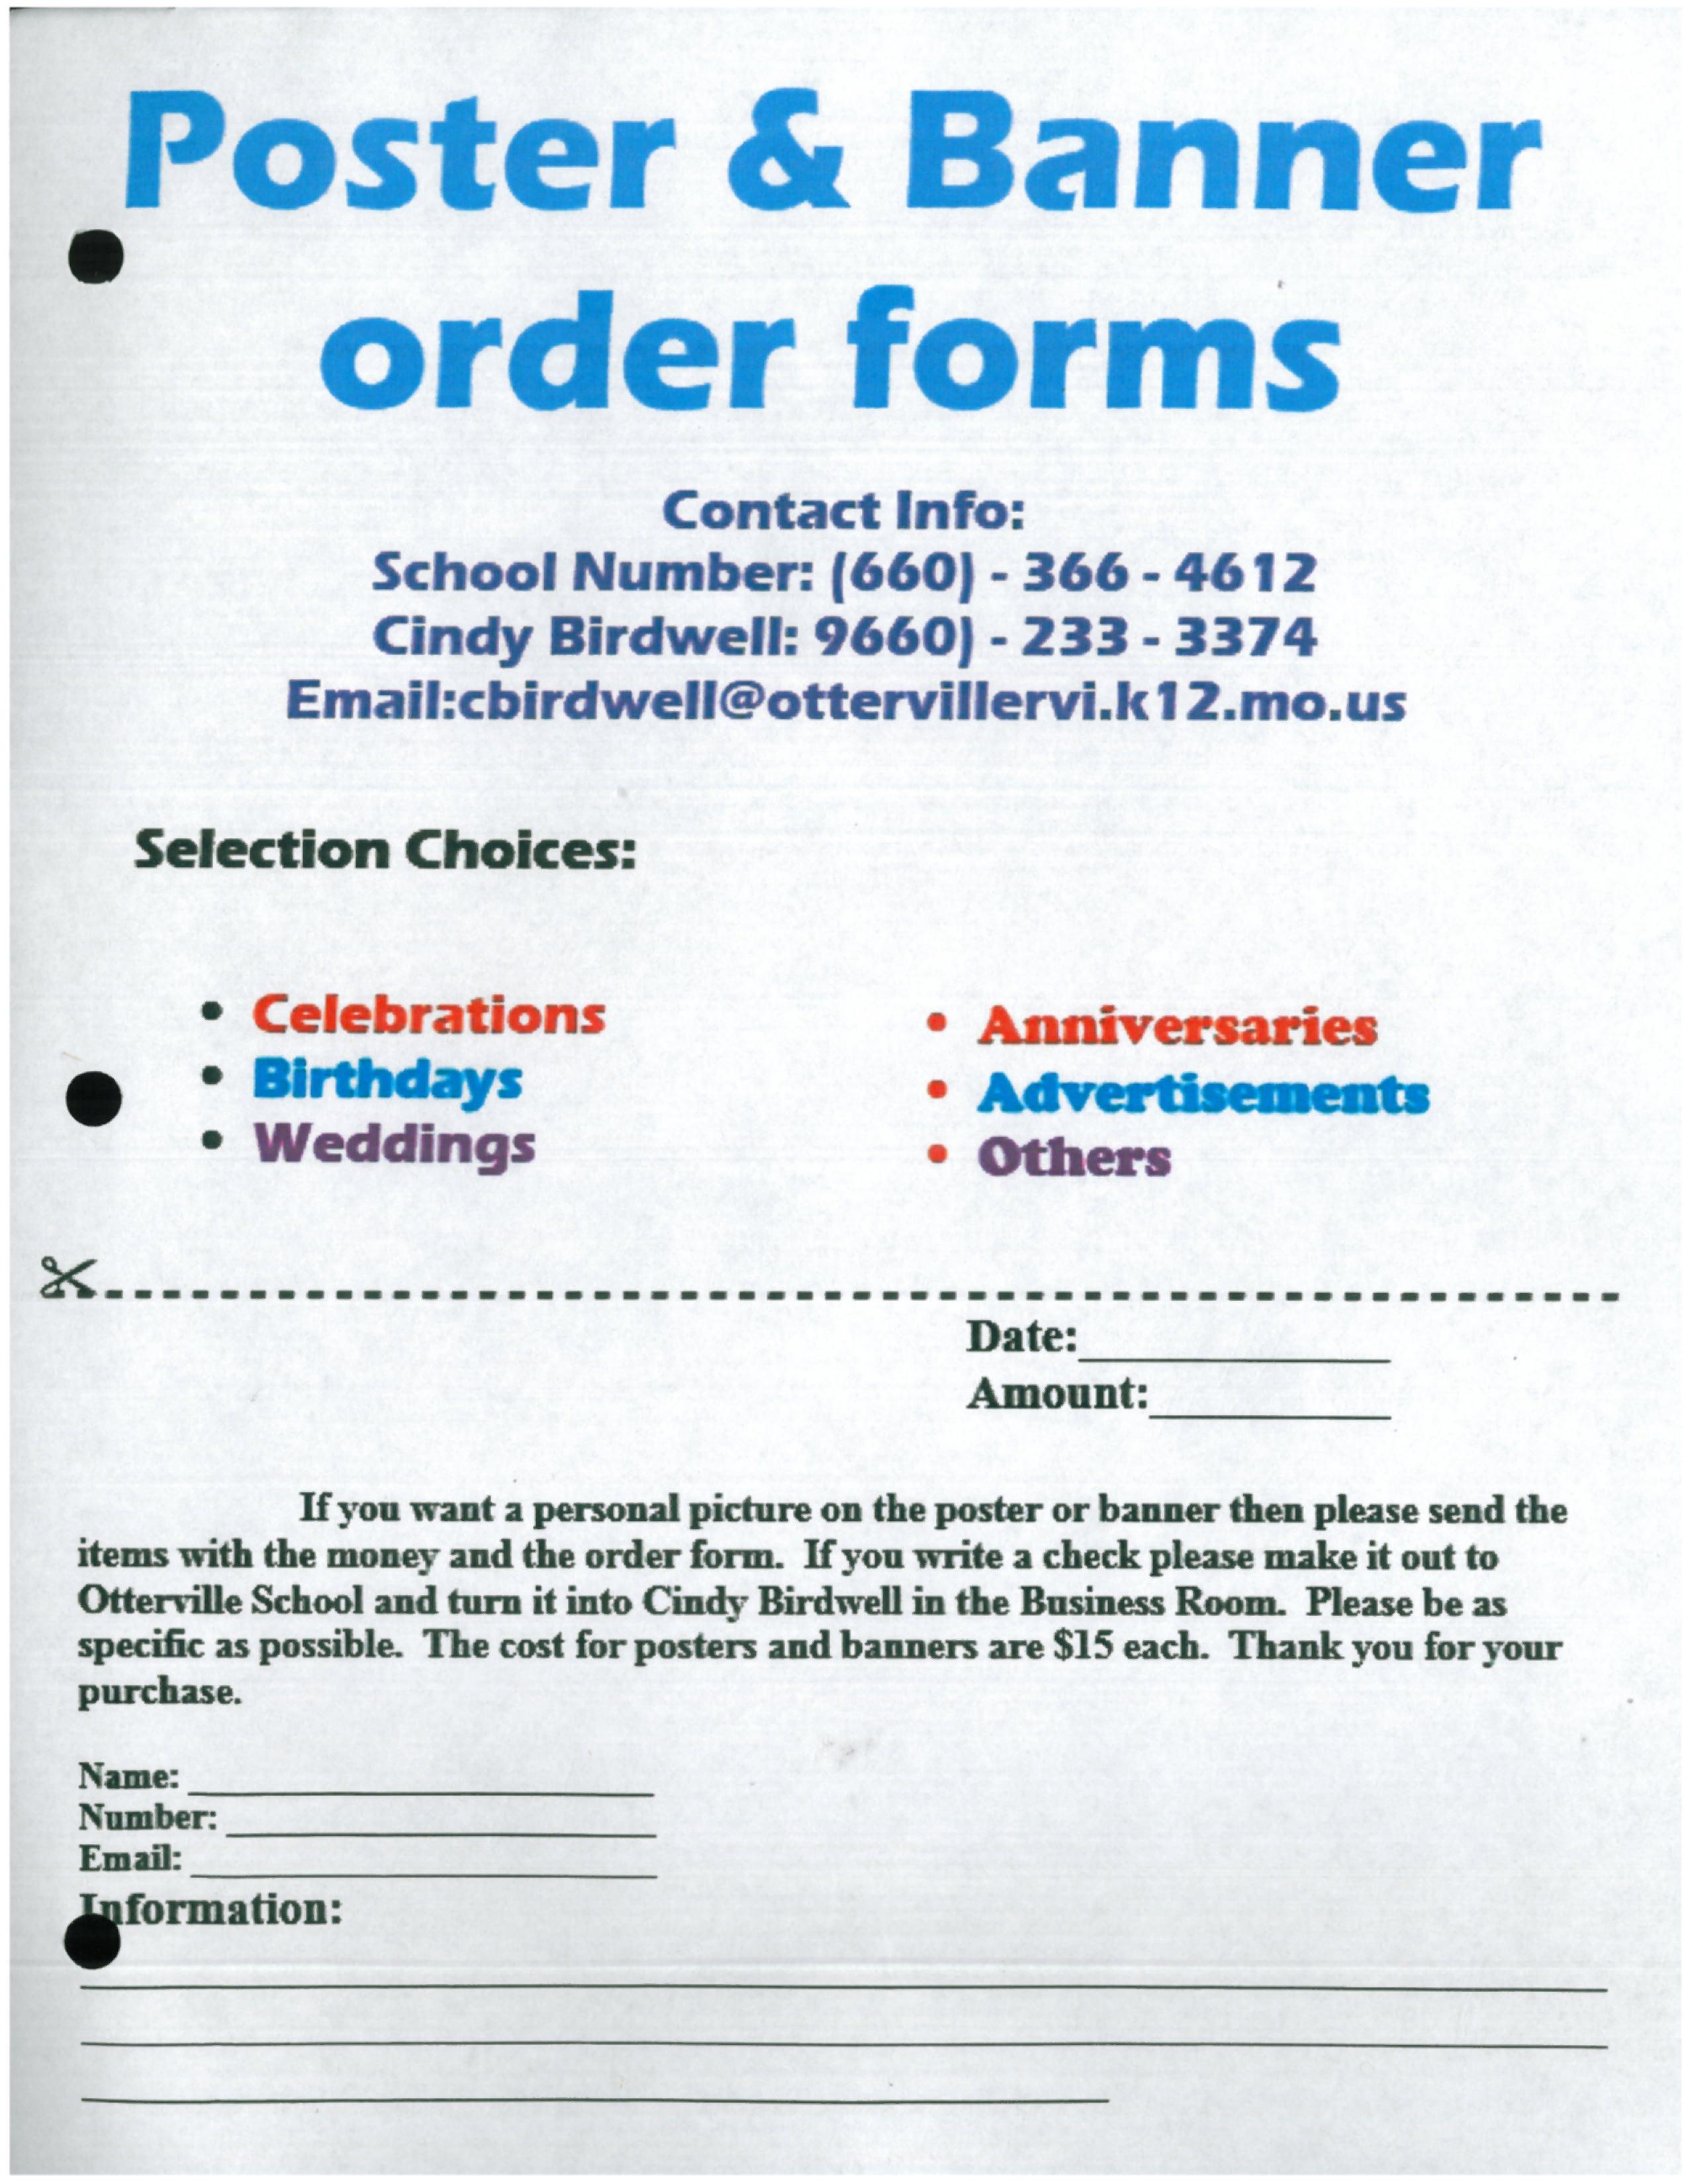 Sample_Order_Form